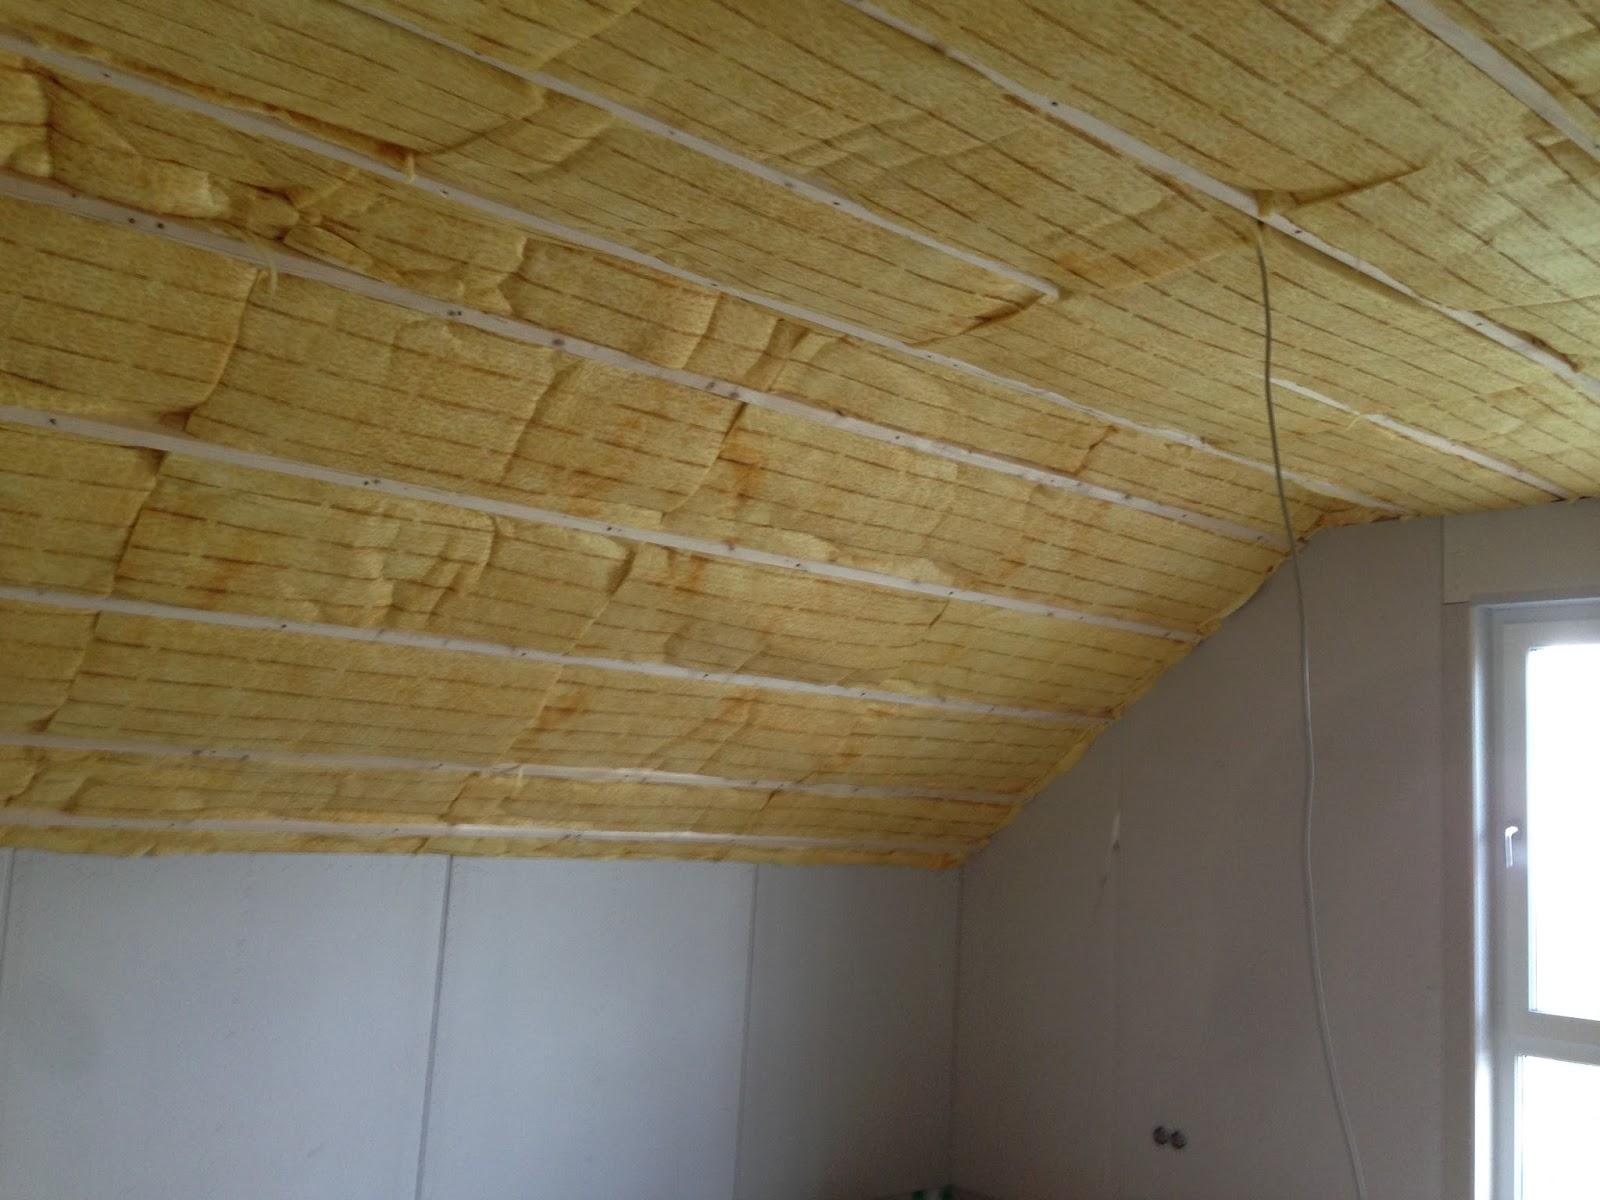 vio-302-bawü: ausbaupaket 1 - dach dämmen